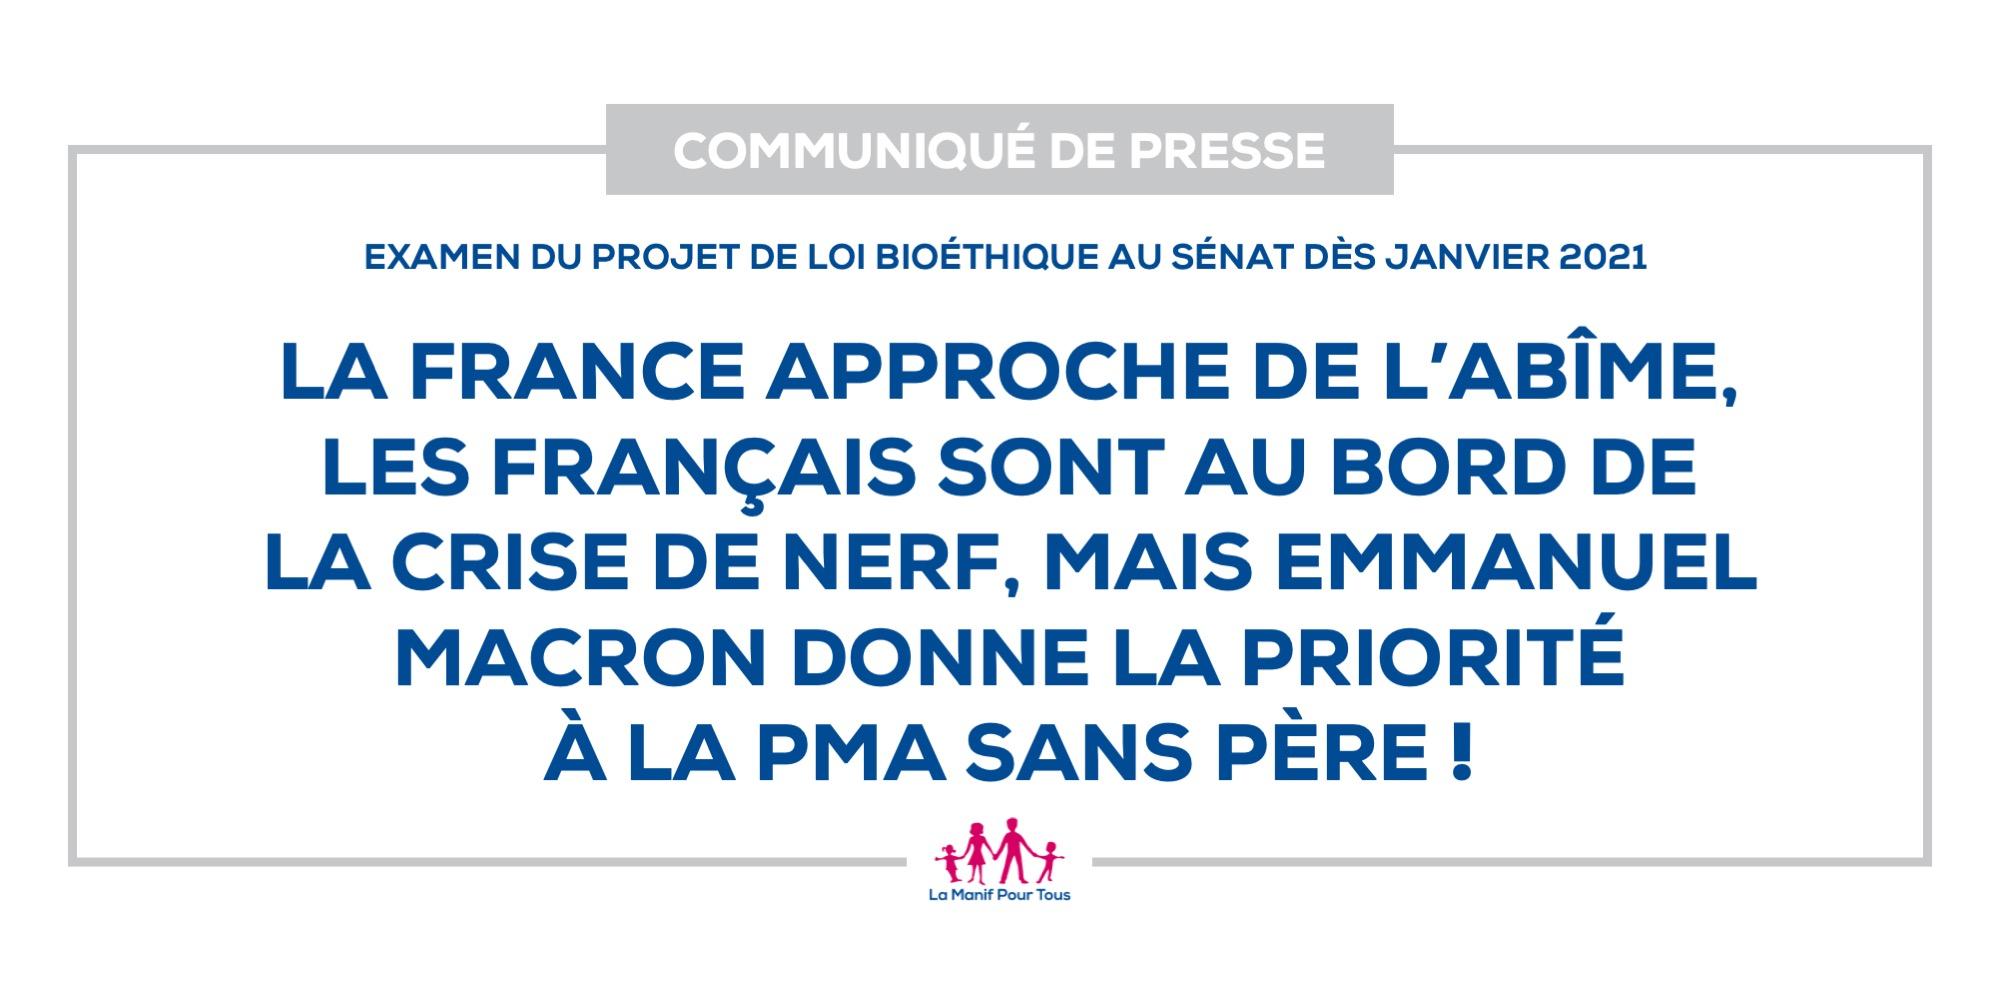 Image - La France approche de l'abîme, les Français sont au bord de la crise de nerf, mais Emmanuel Macron donne la priorité à la PMA sans père !